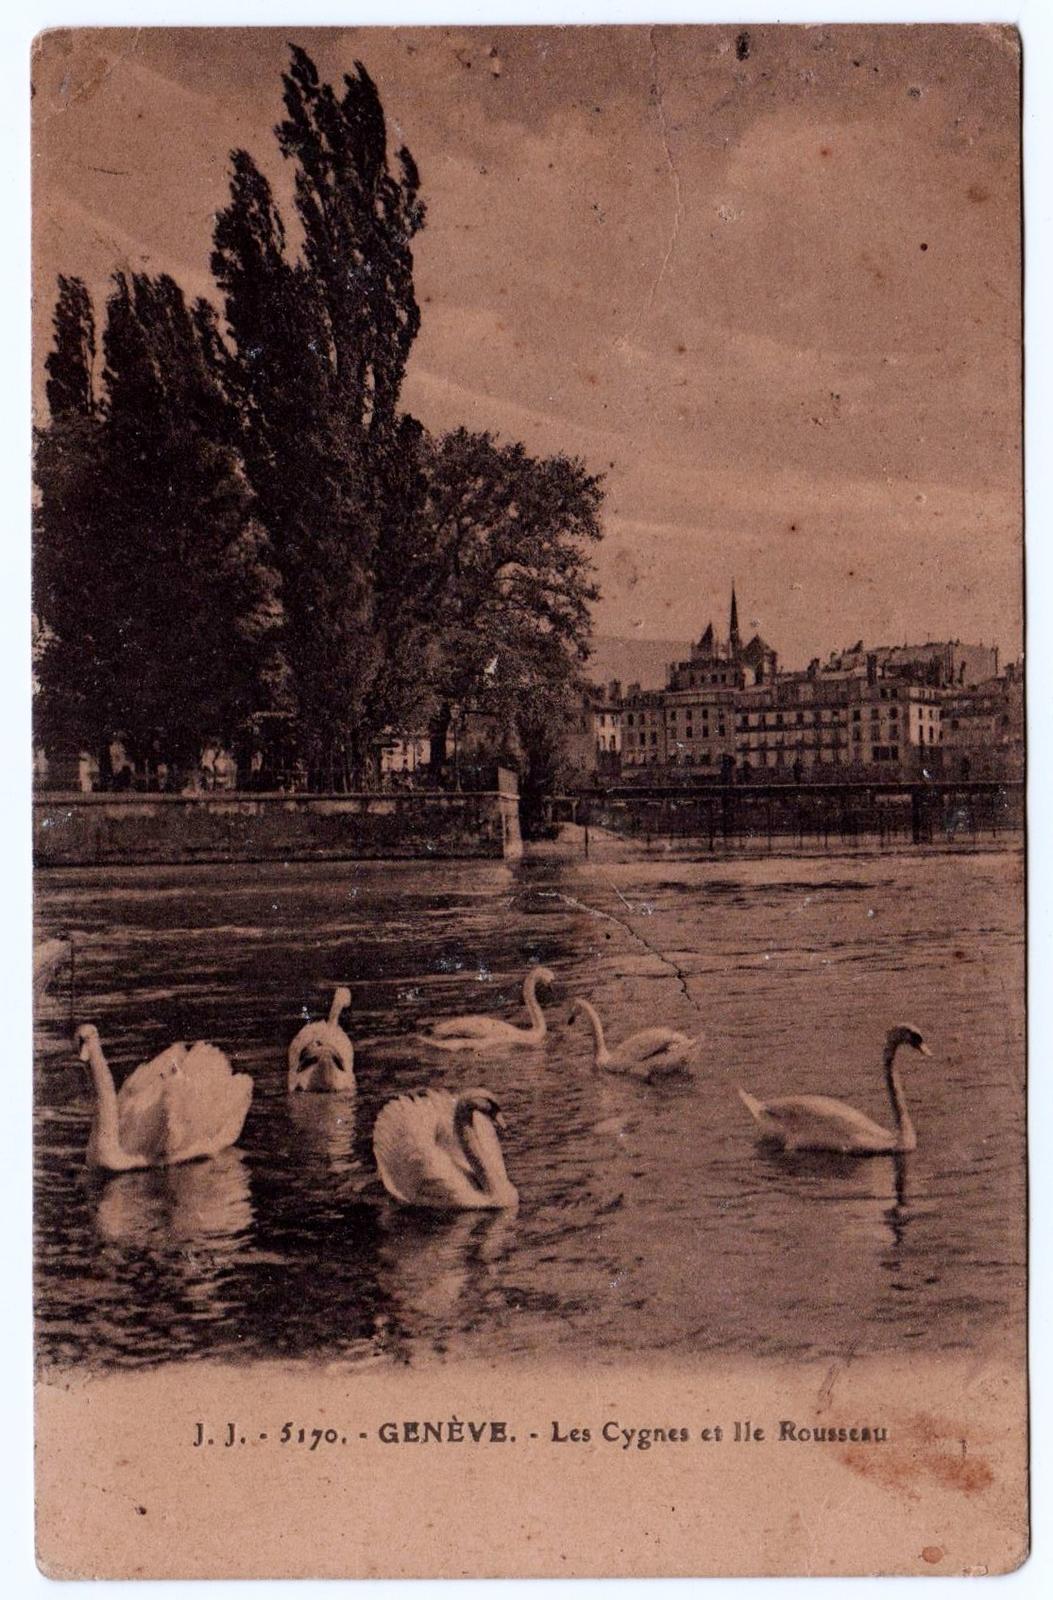 Genève - Genève, Les Cygnes et Ile Rousseau. Collection Particulière, Correspondance familiale.